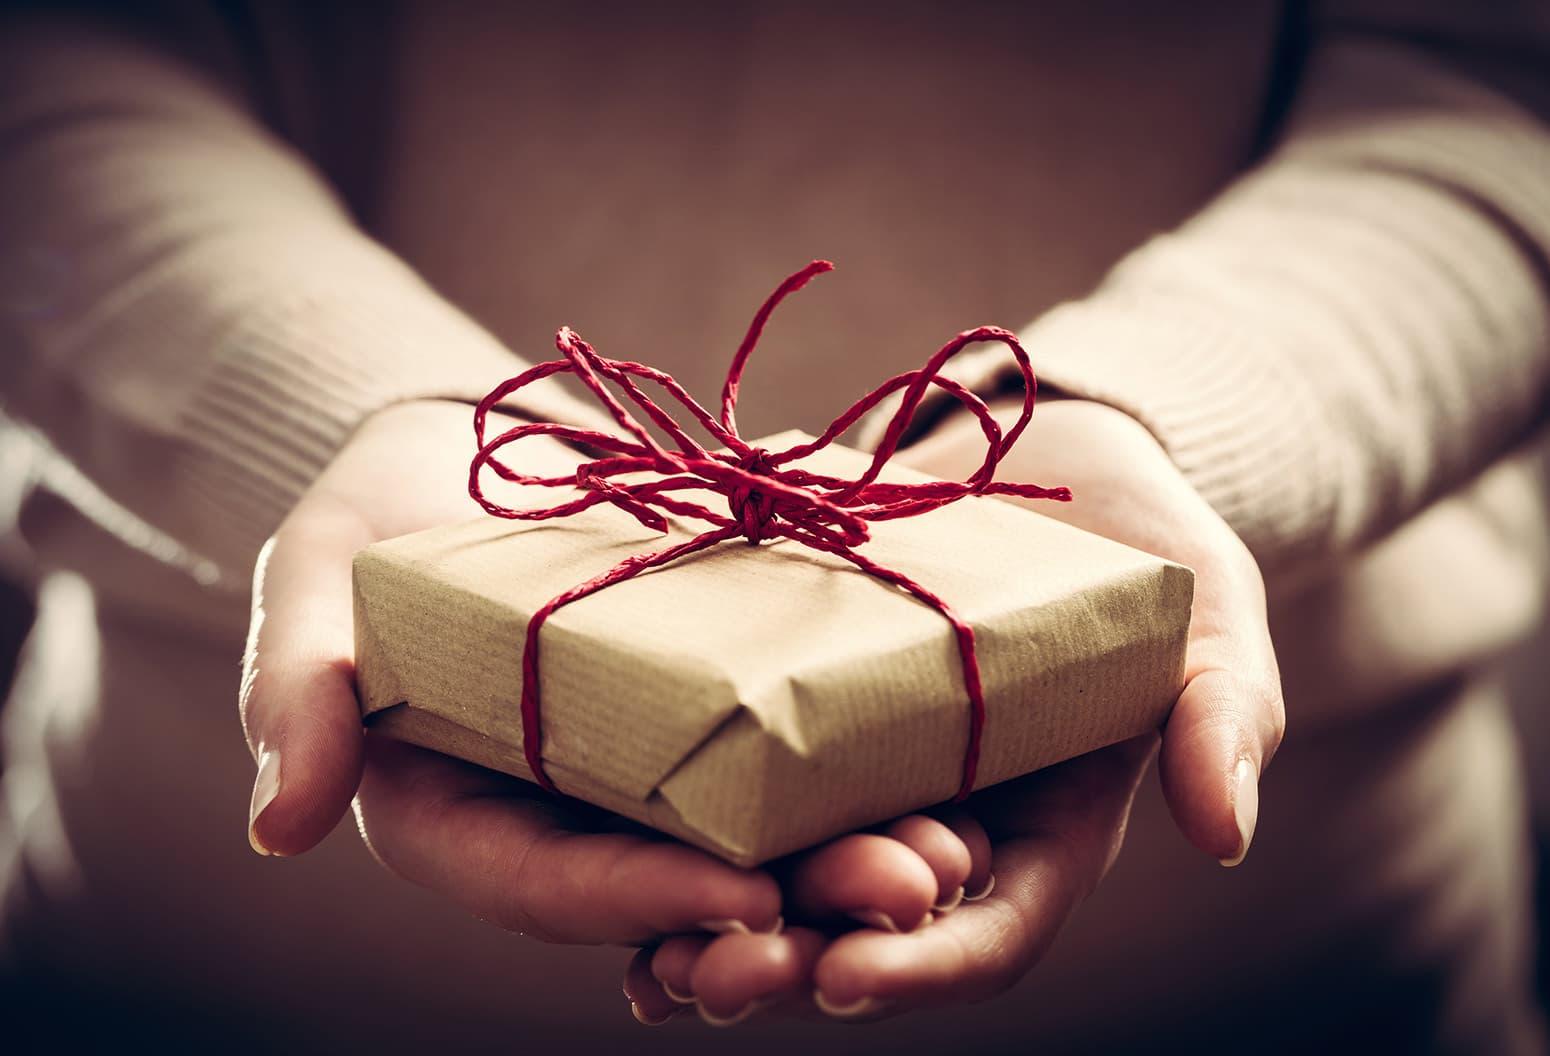 Woman Holding a Landmark Inn Gift Certificate